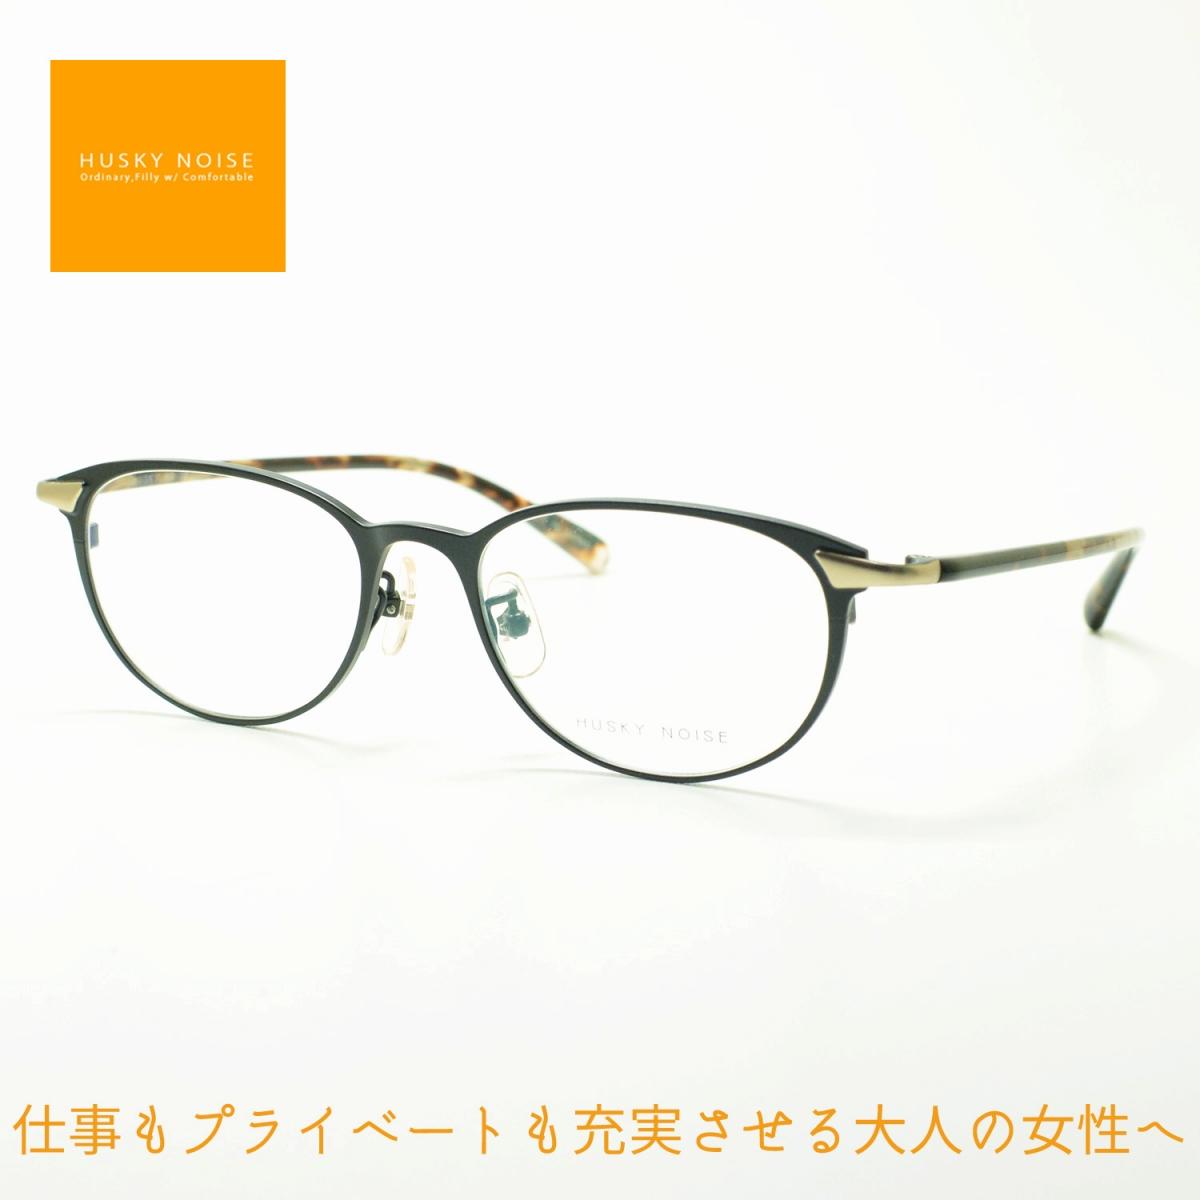 HUSKY NOISE ハスキーノイズ H-164 col-4メガネ 眼鏡 めがね レディース おしゃれ ブランド 人気 おすすめ フレーム 流行り 度付き レンズ